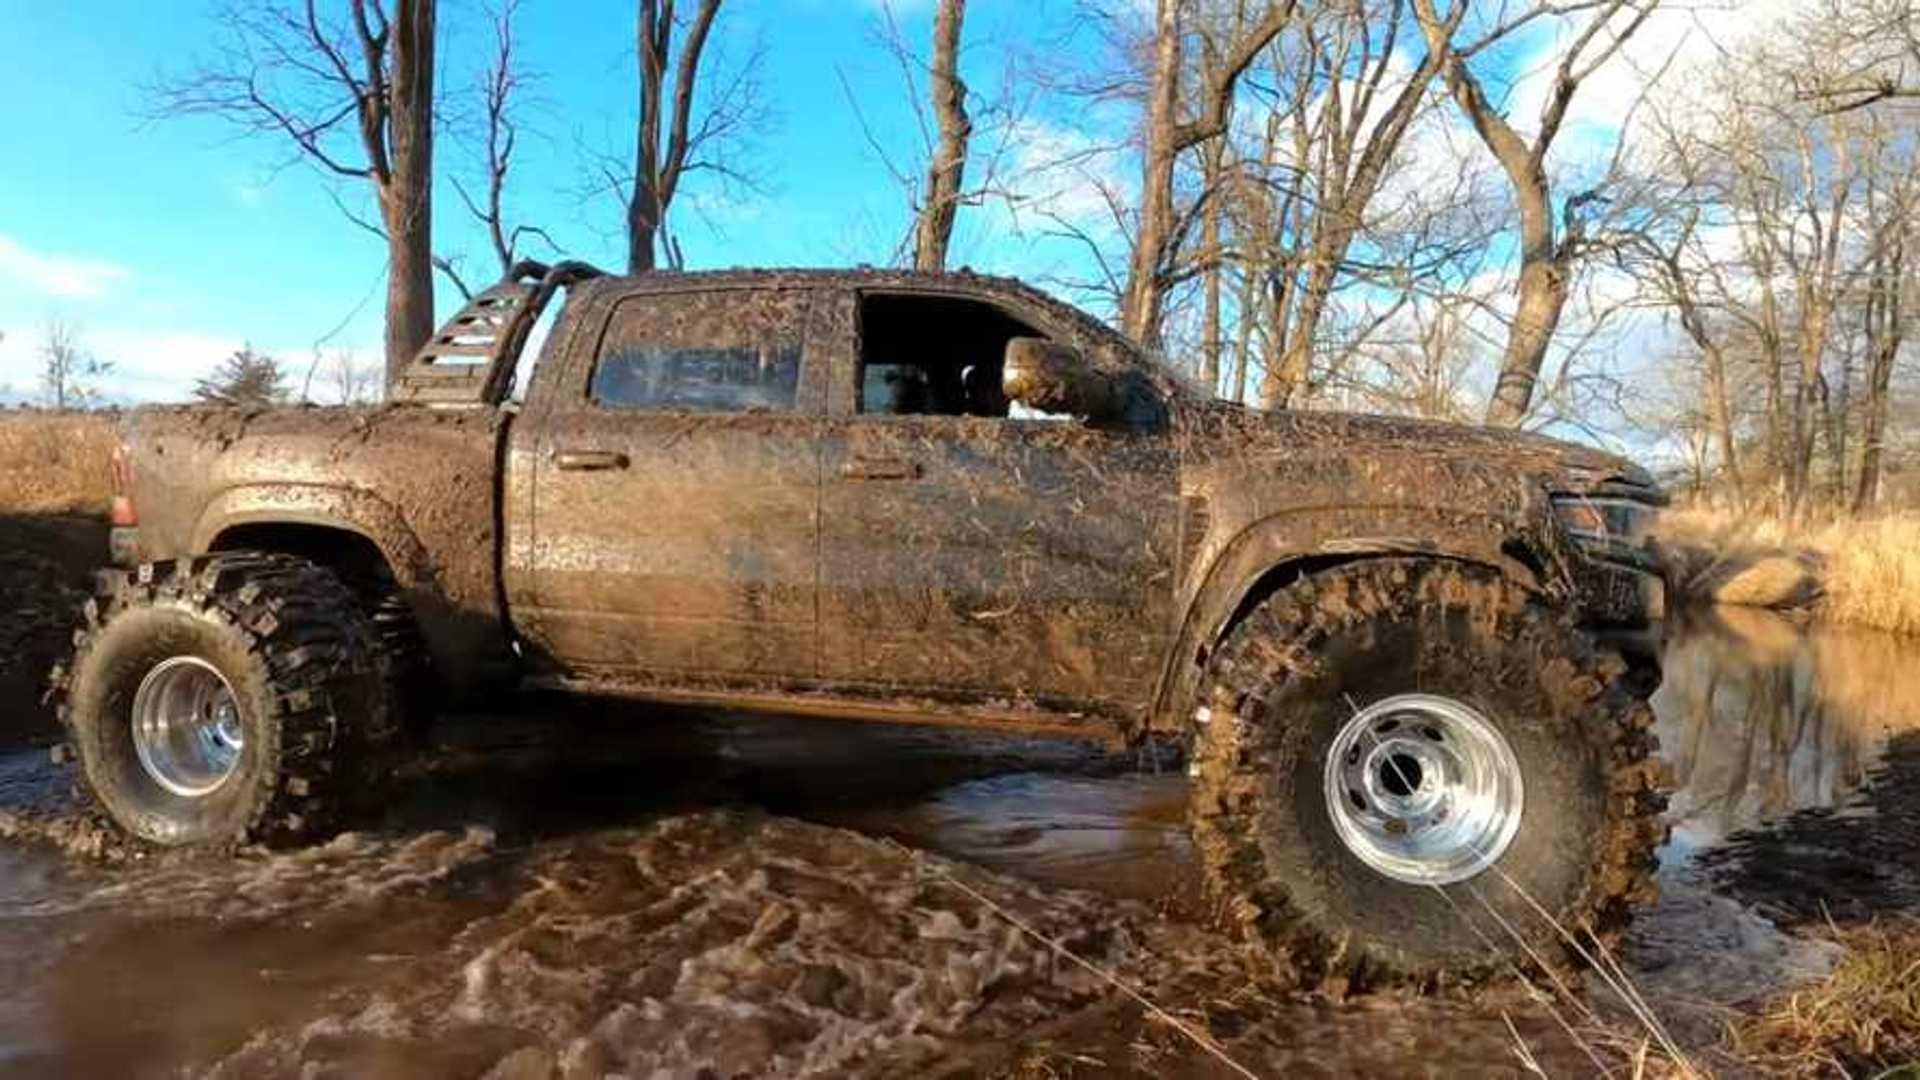 Ram TRX подойдет для 44-дюймовых грязевых шин, если вы не заботитесь о поворотах